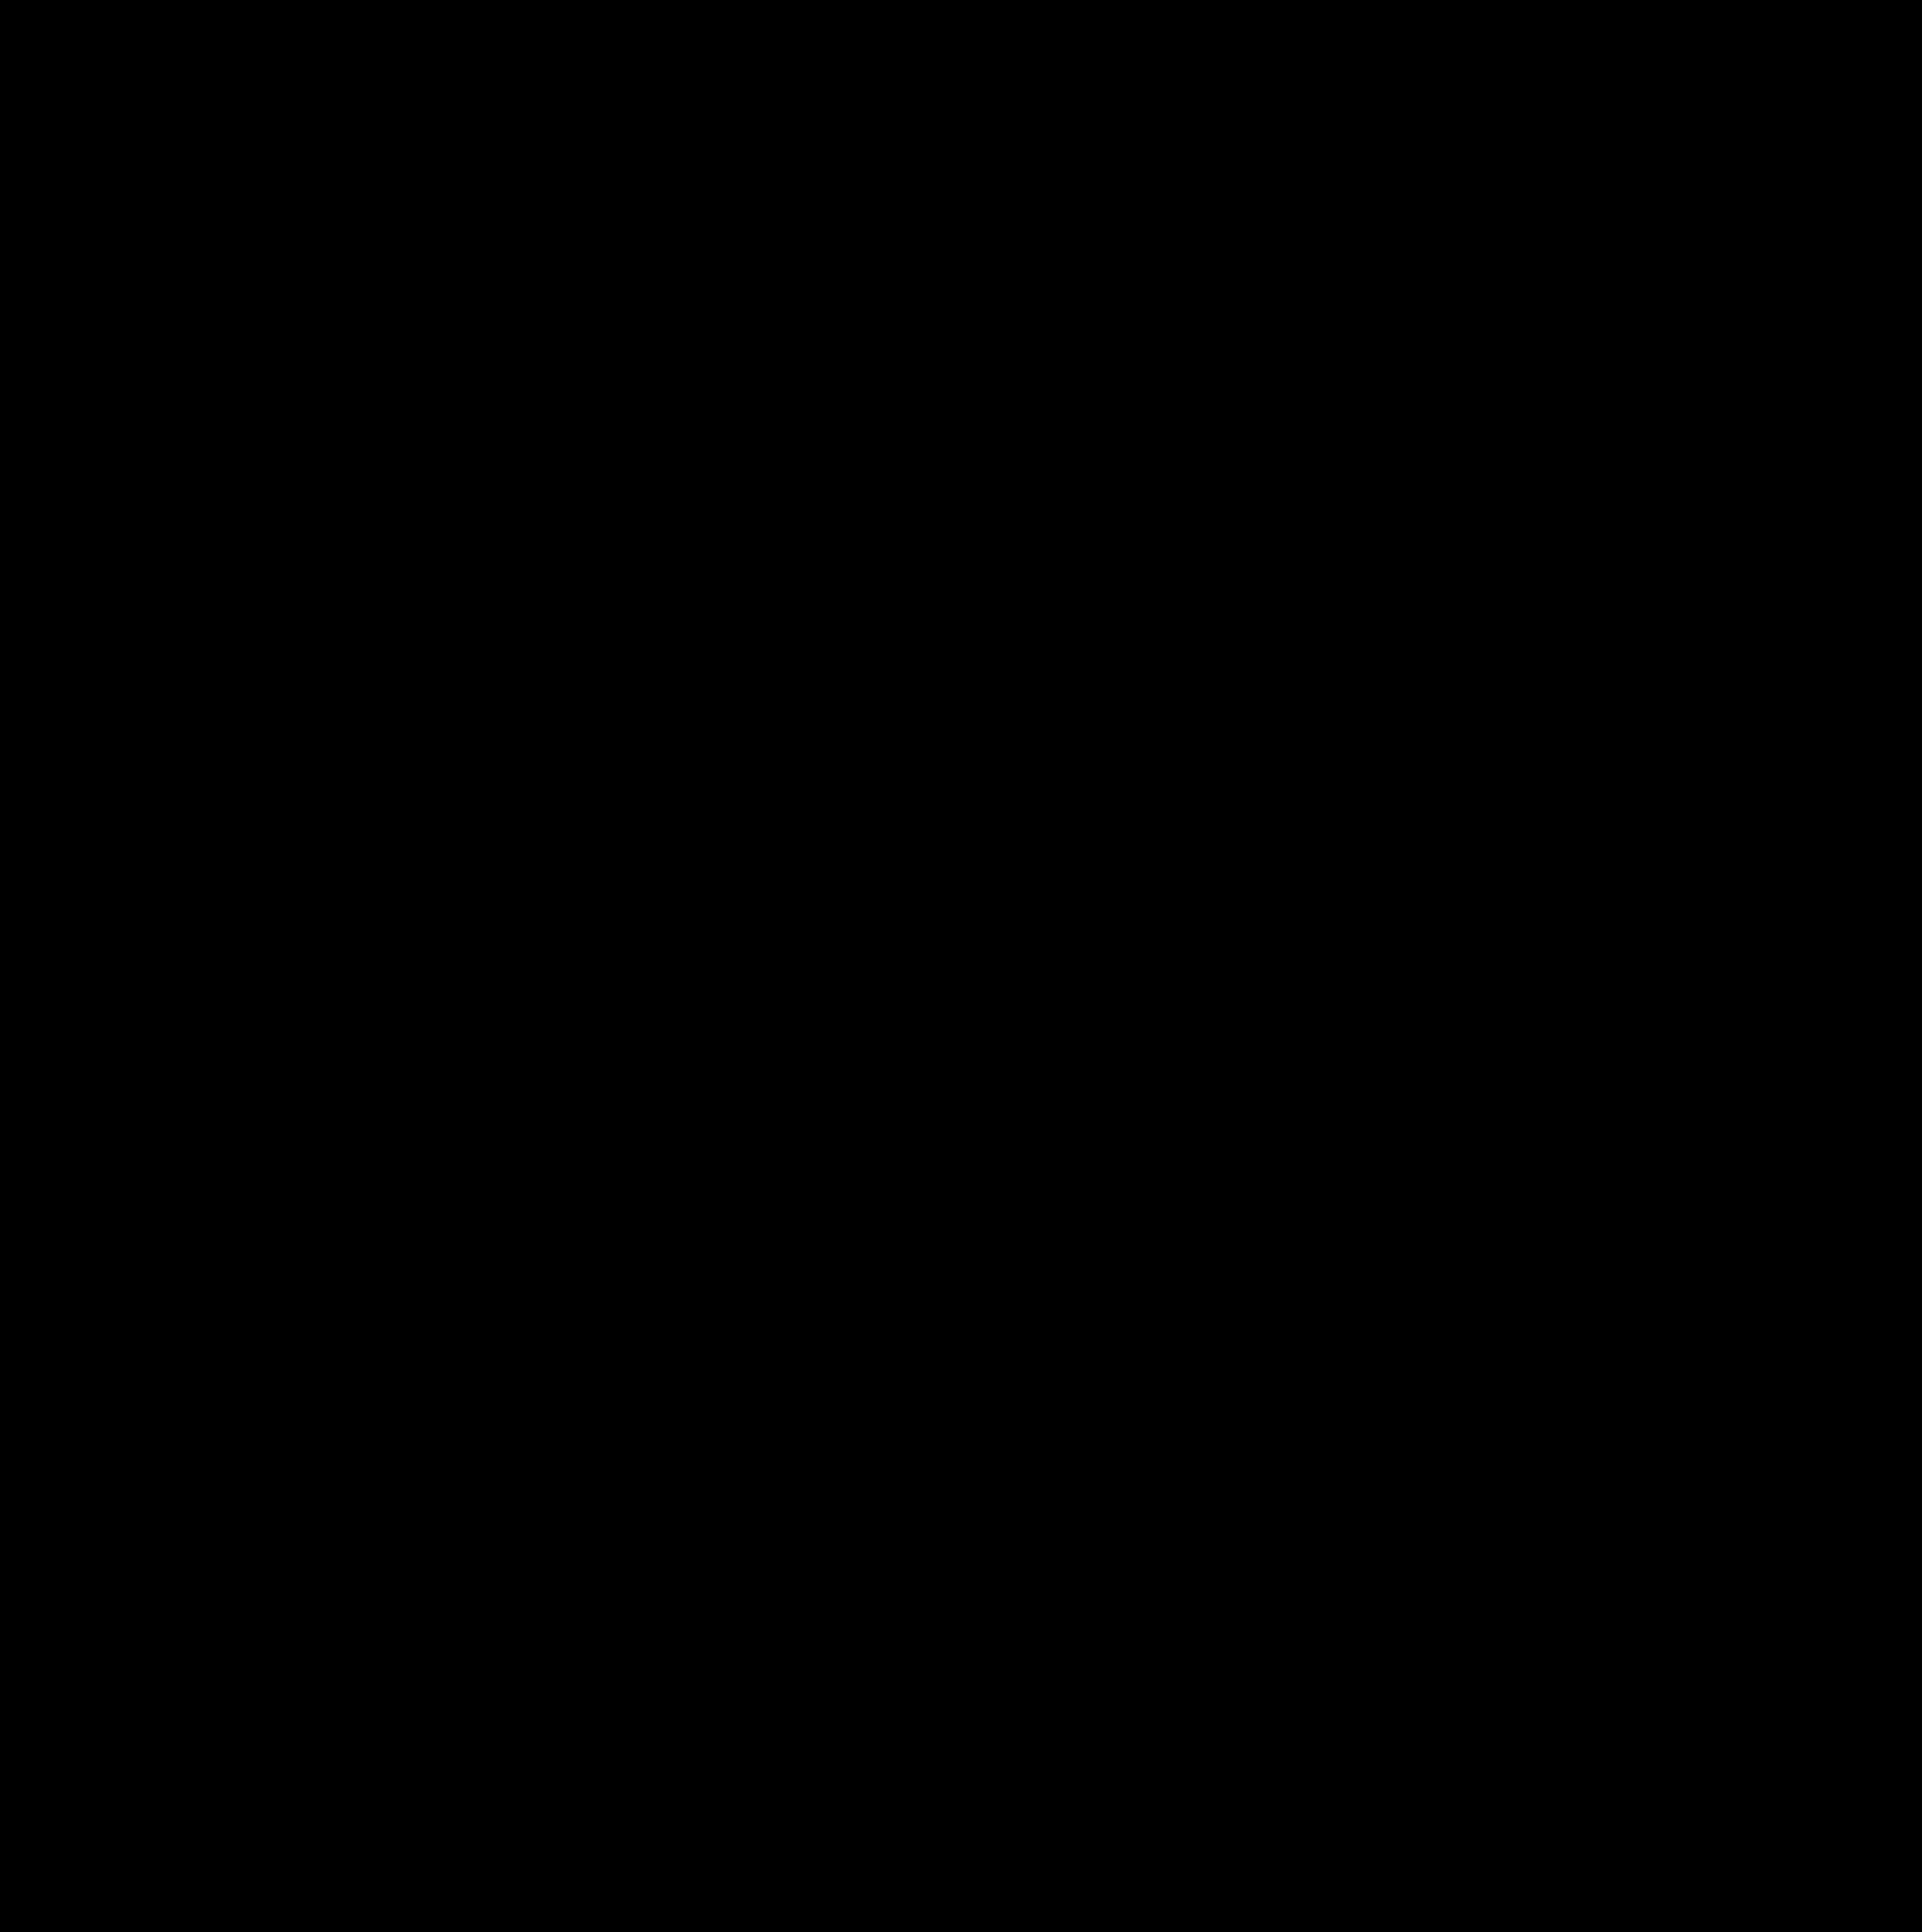 Logos/FullSizeRender 2.jpg